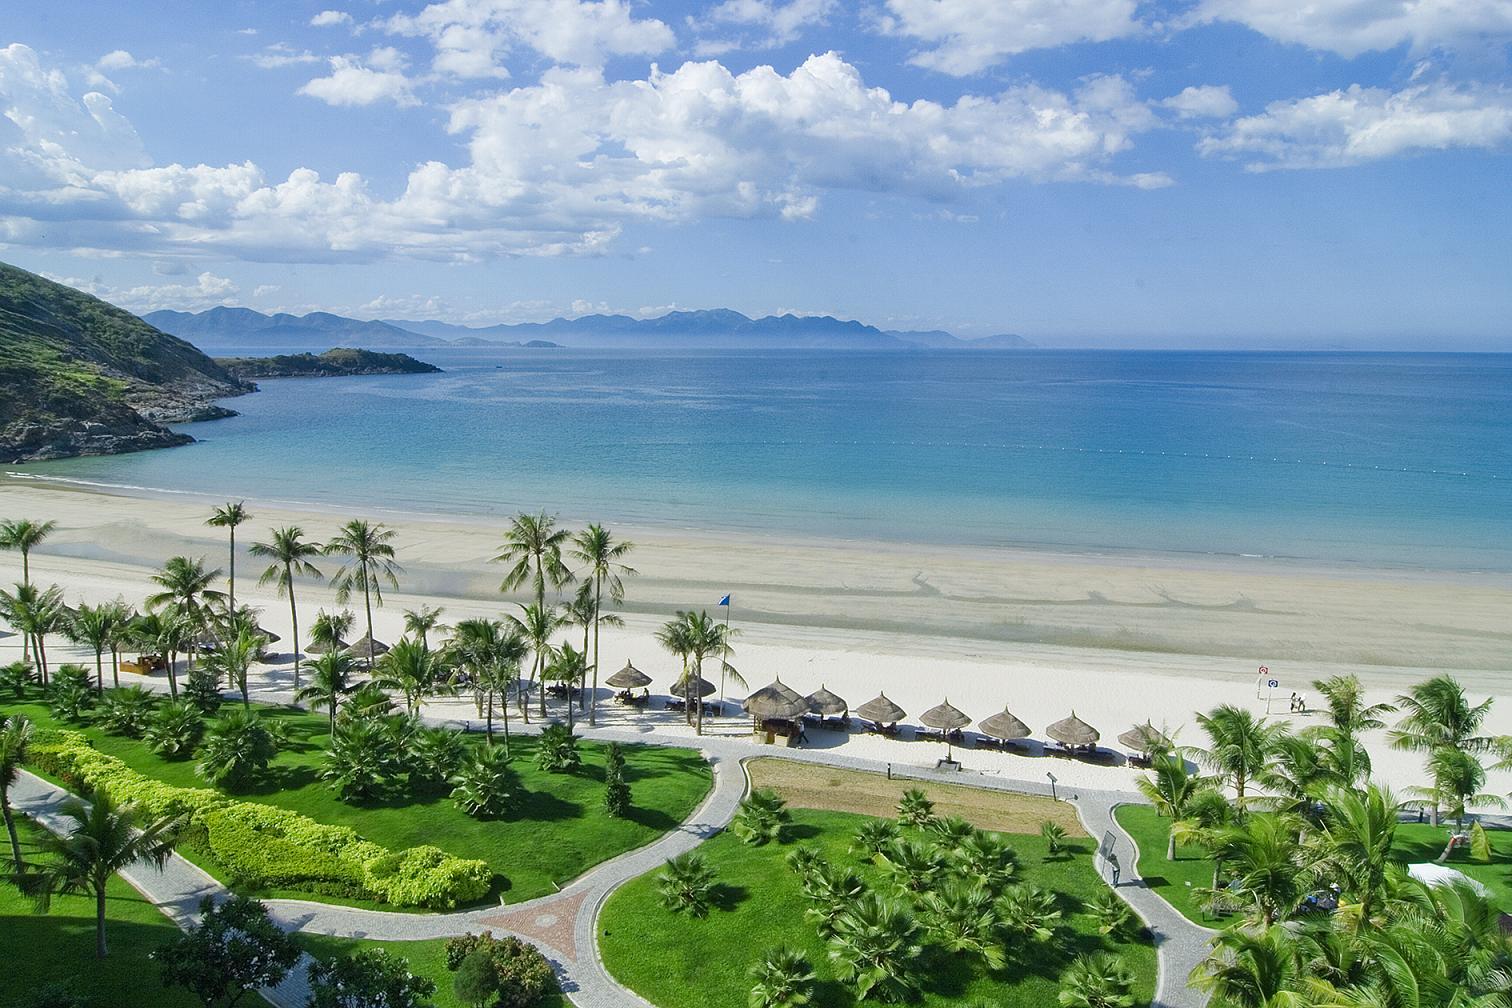 Vịnh Nha Trang - Du lịch Vịnh Nha Trang 1 ngày